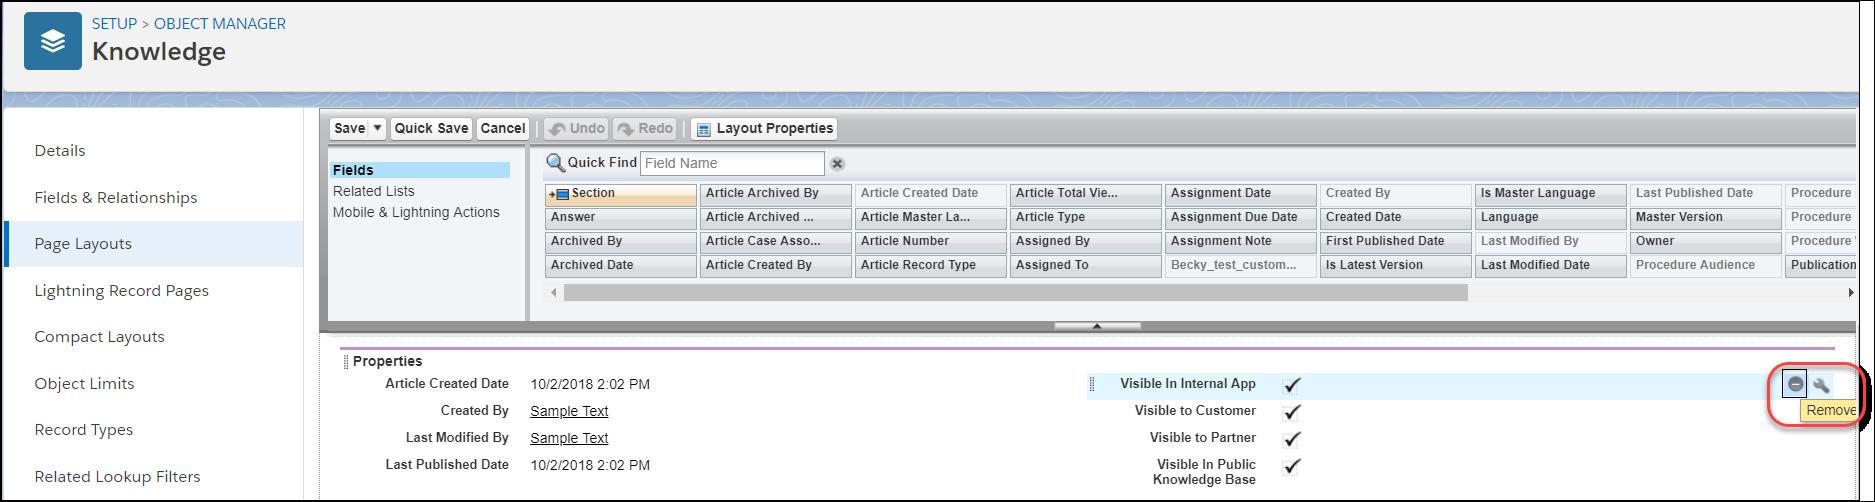 [内部アプリケーションに公開] と [削除] ボタンが強調表示された [プロパティ] セクションまでスクロールしたページレイアウトエディタ。